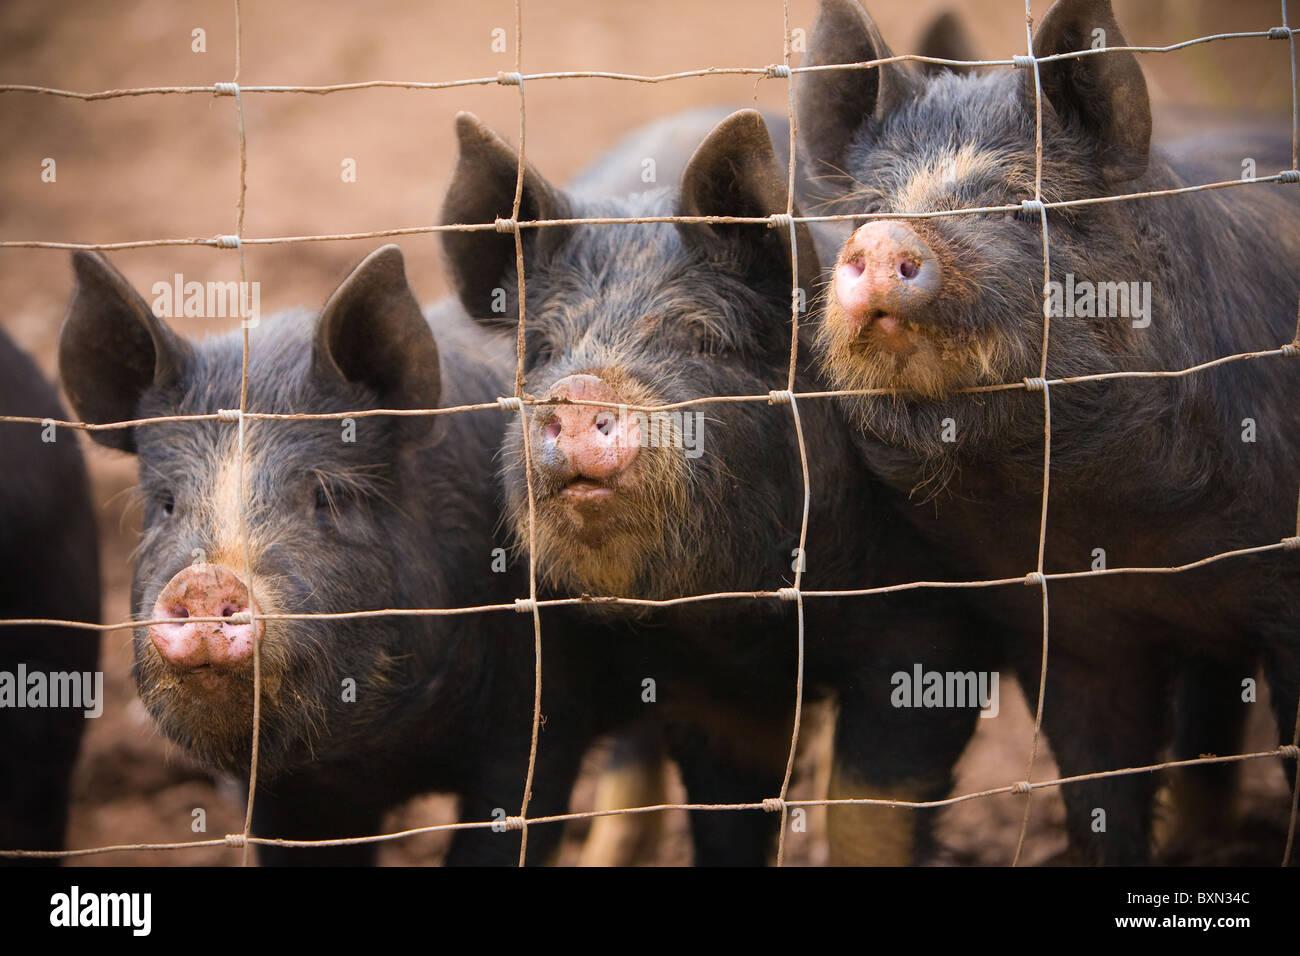 Fantastisch Schwein Drahtzaun Land Galerie - Die Besten Elektrischen ...